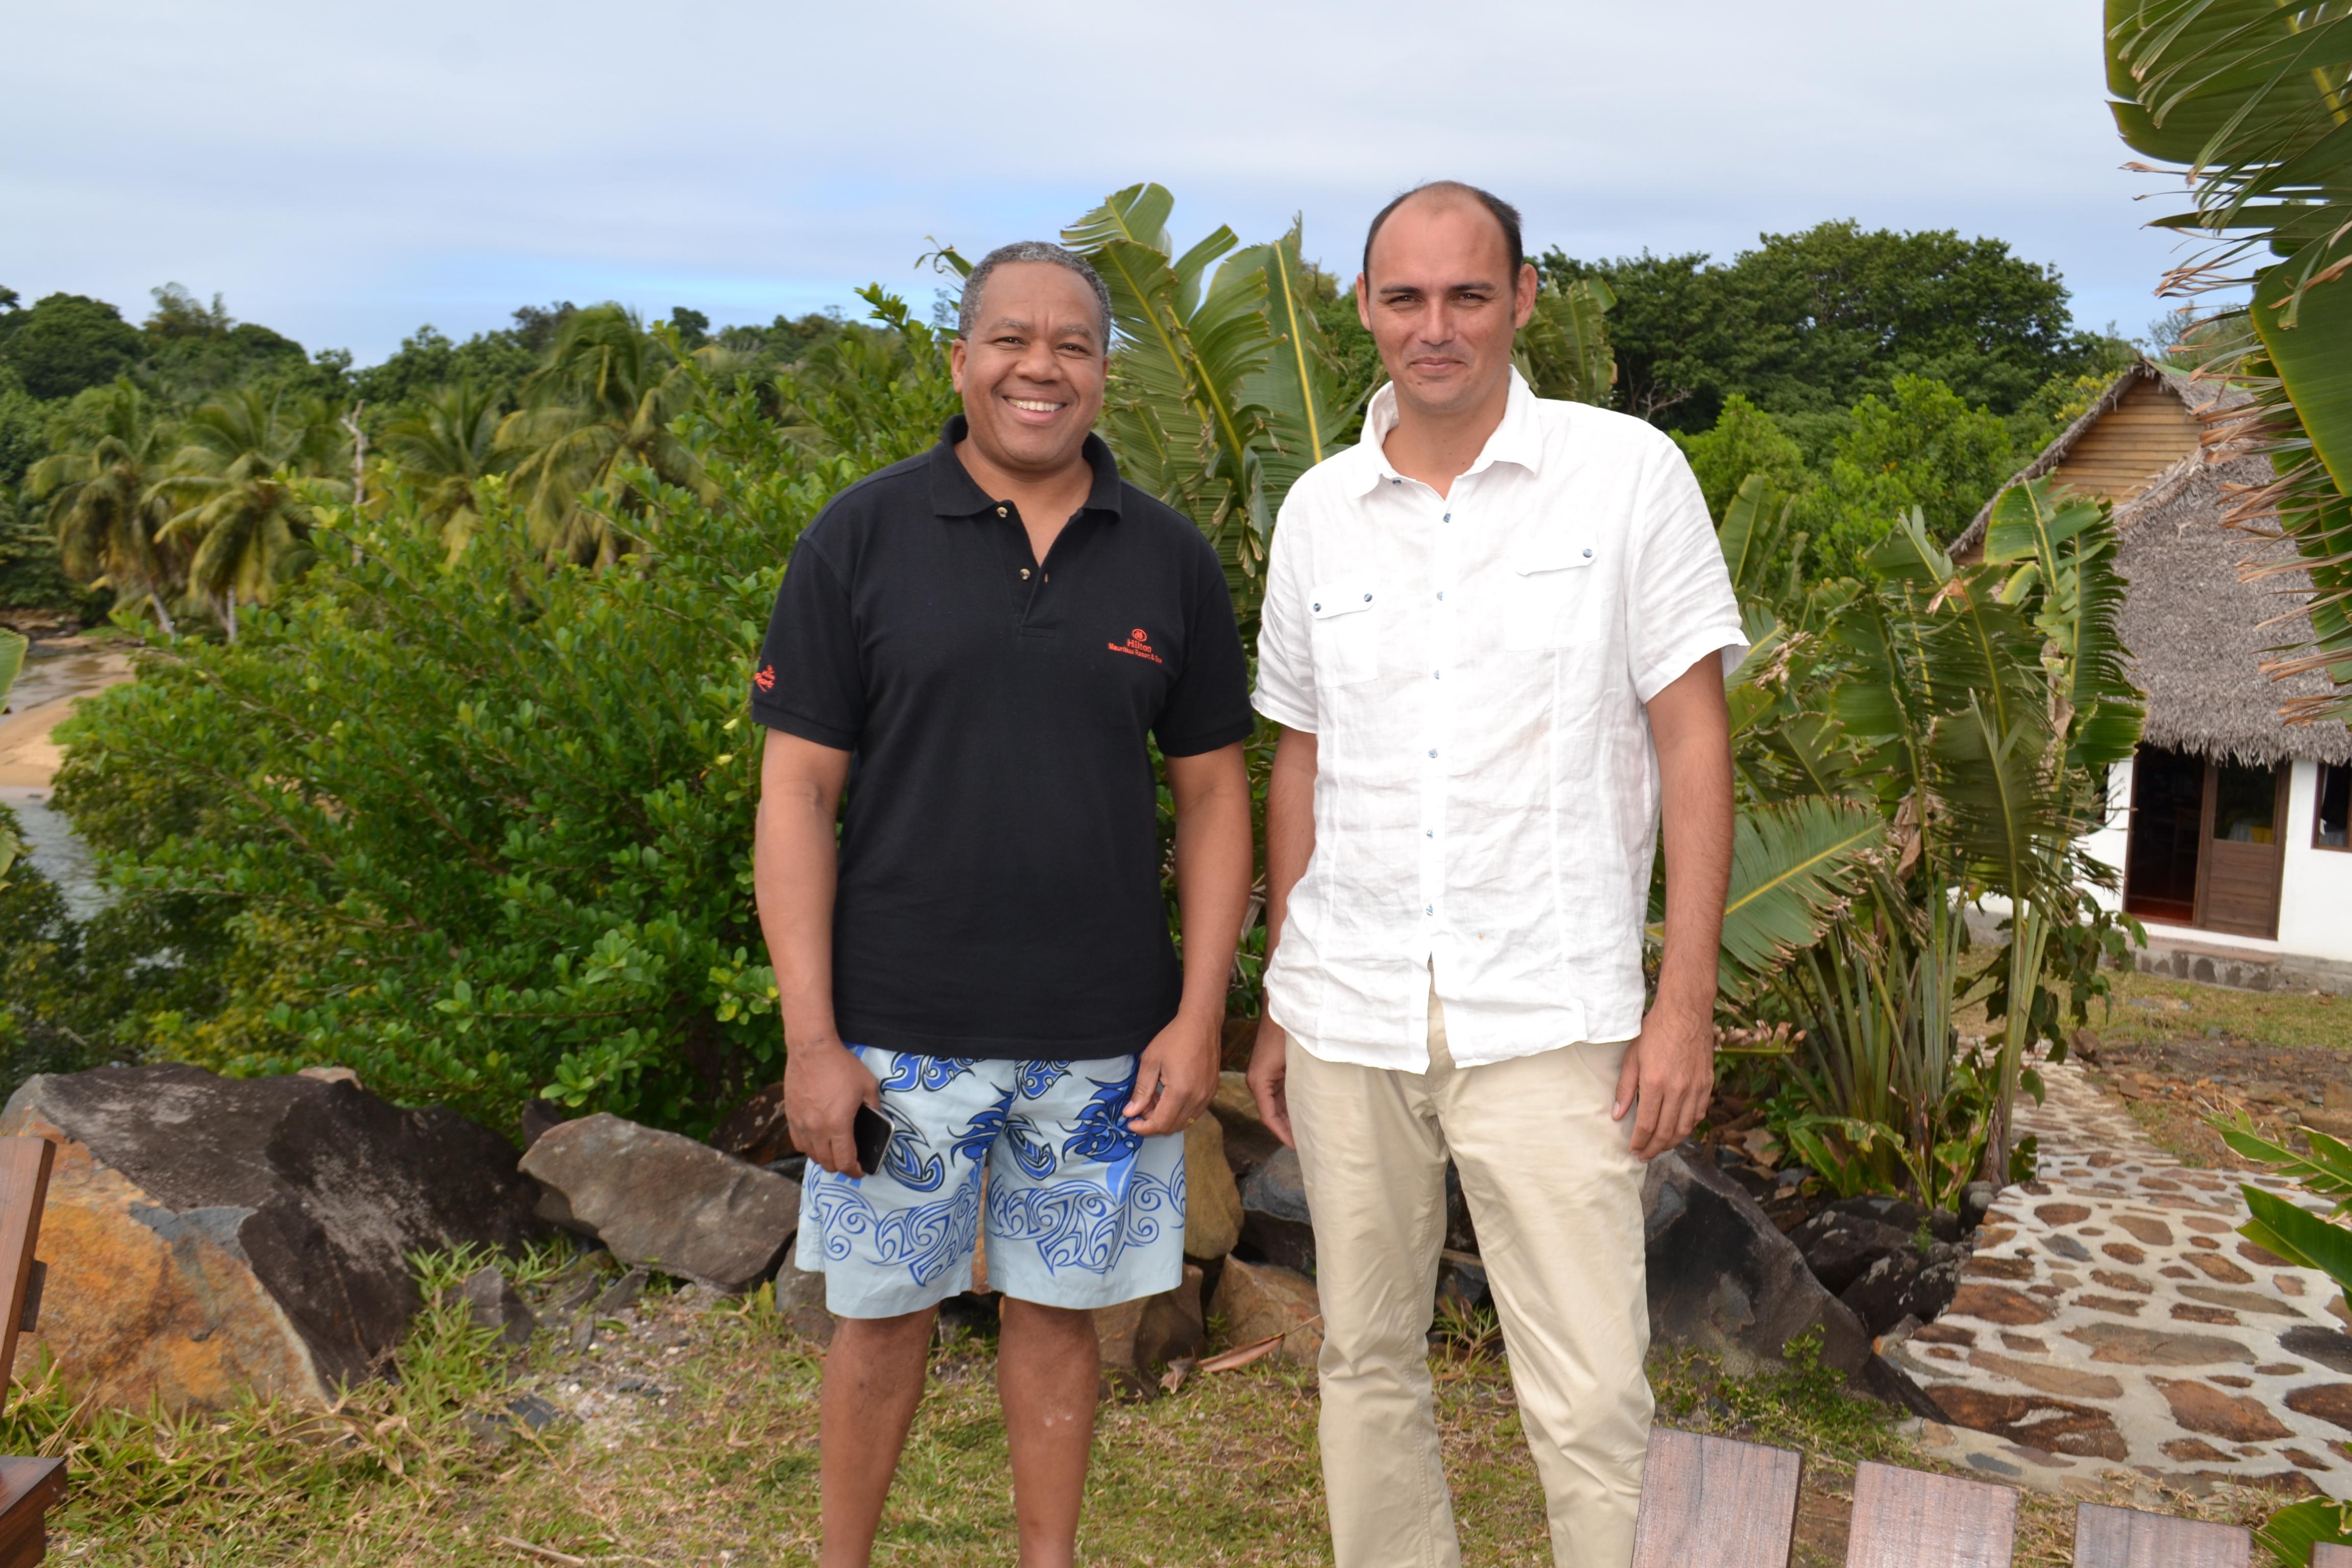 Roland Ratsiraka reste un Ministre simple et accessible. Ici sur le terrain lors d'une visite d'un hôtel à l'île Sainte-Marie avec le directeur de l'établissement